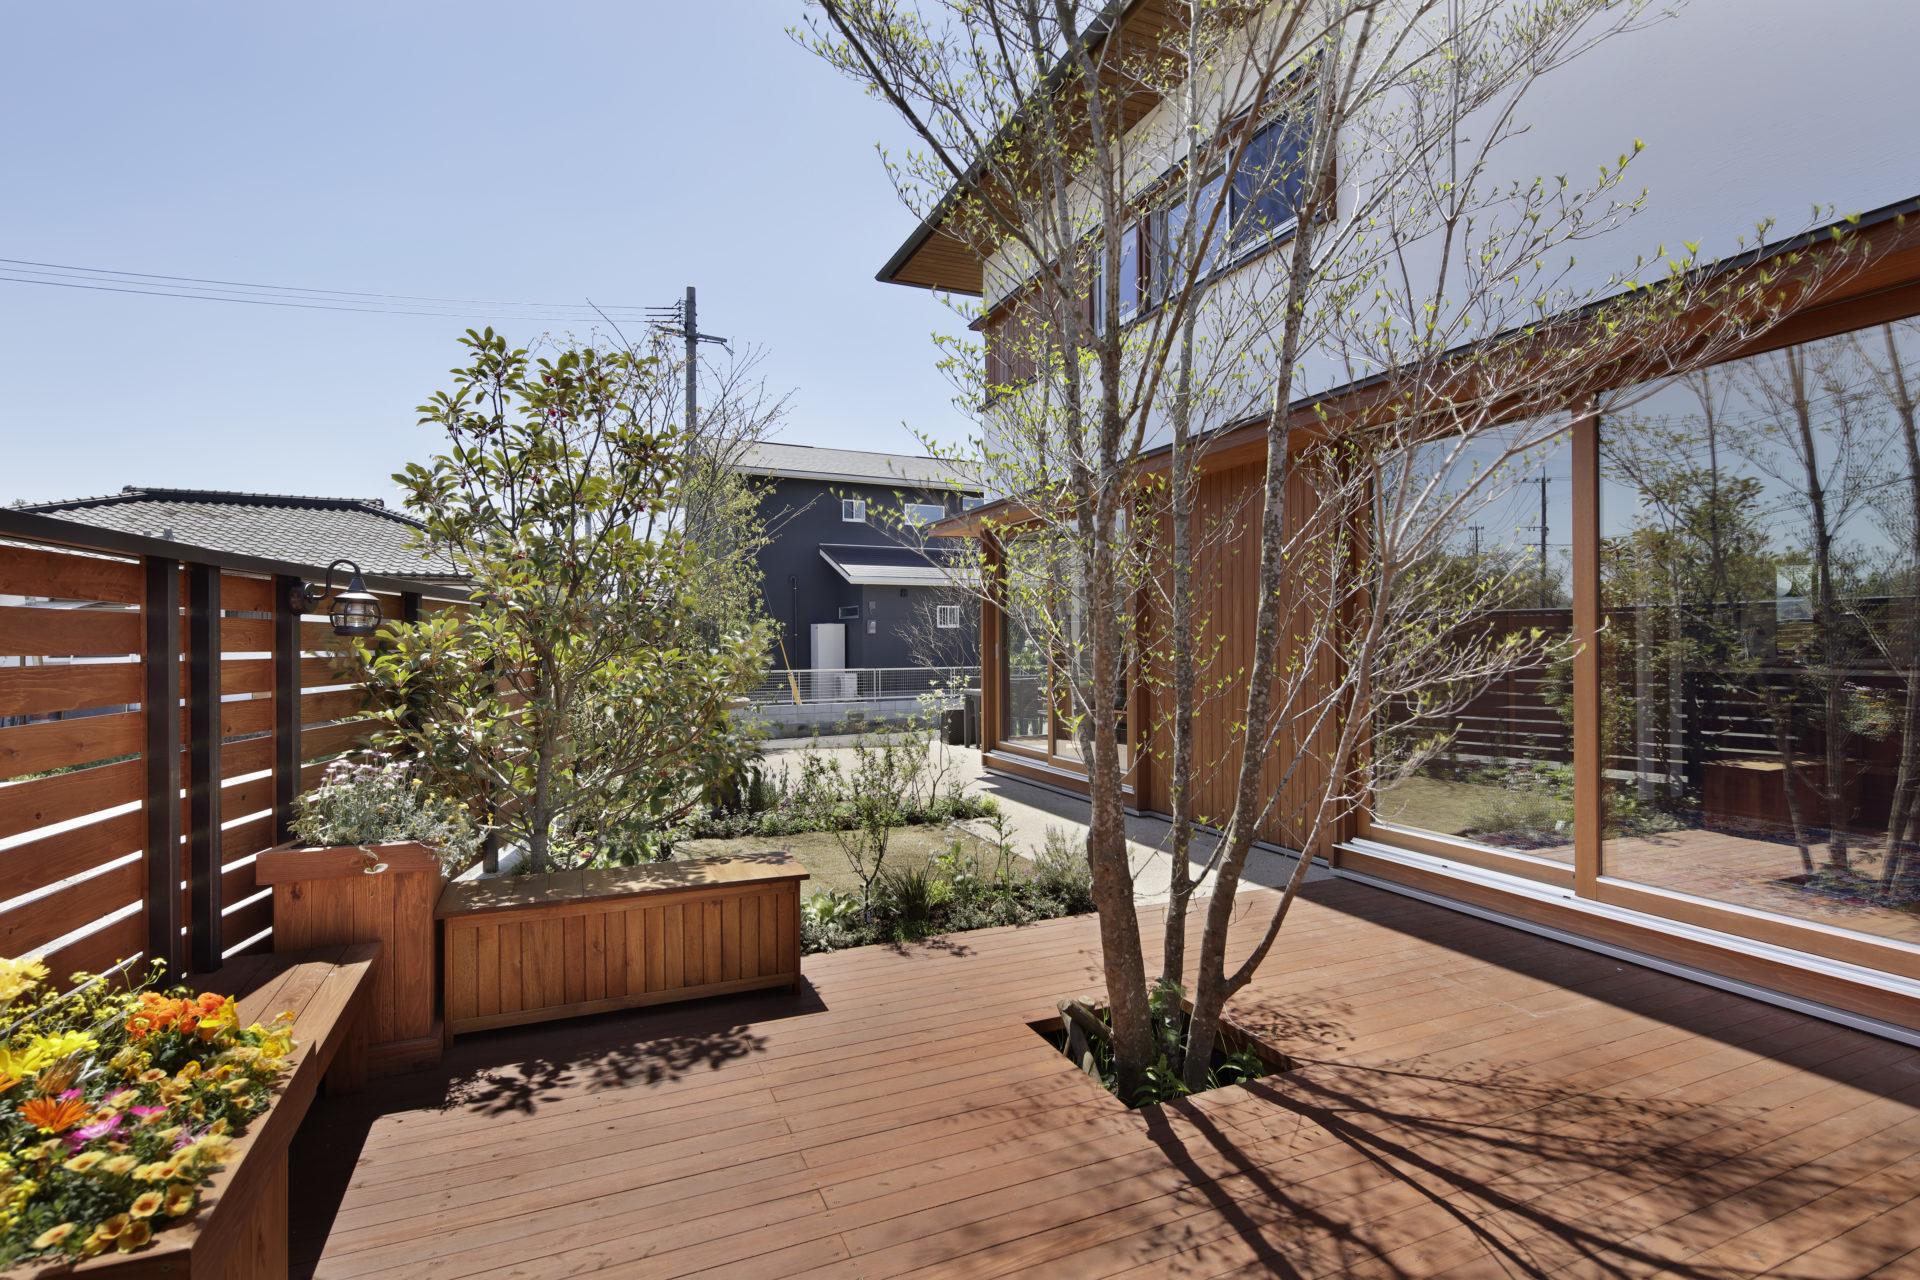 3. 中庭が生み出す自由なプライベートな空間